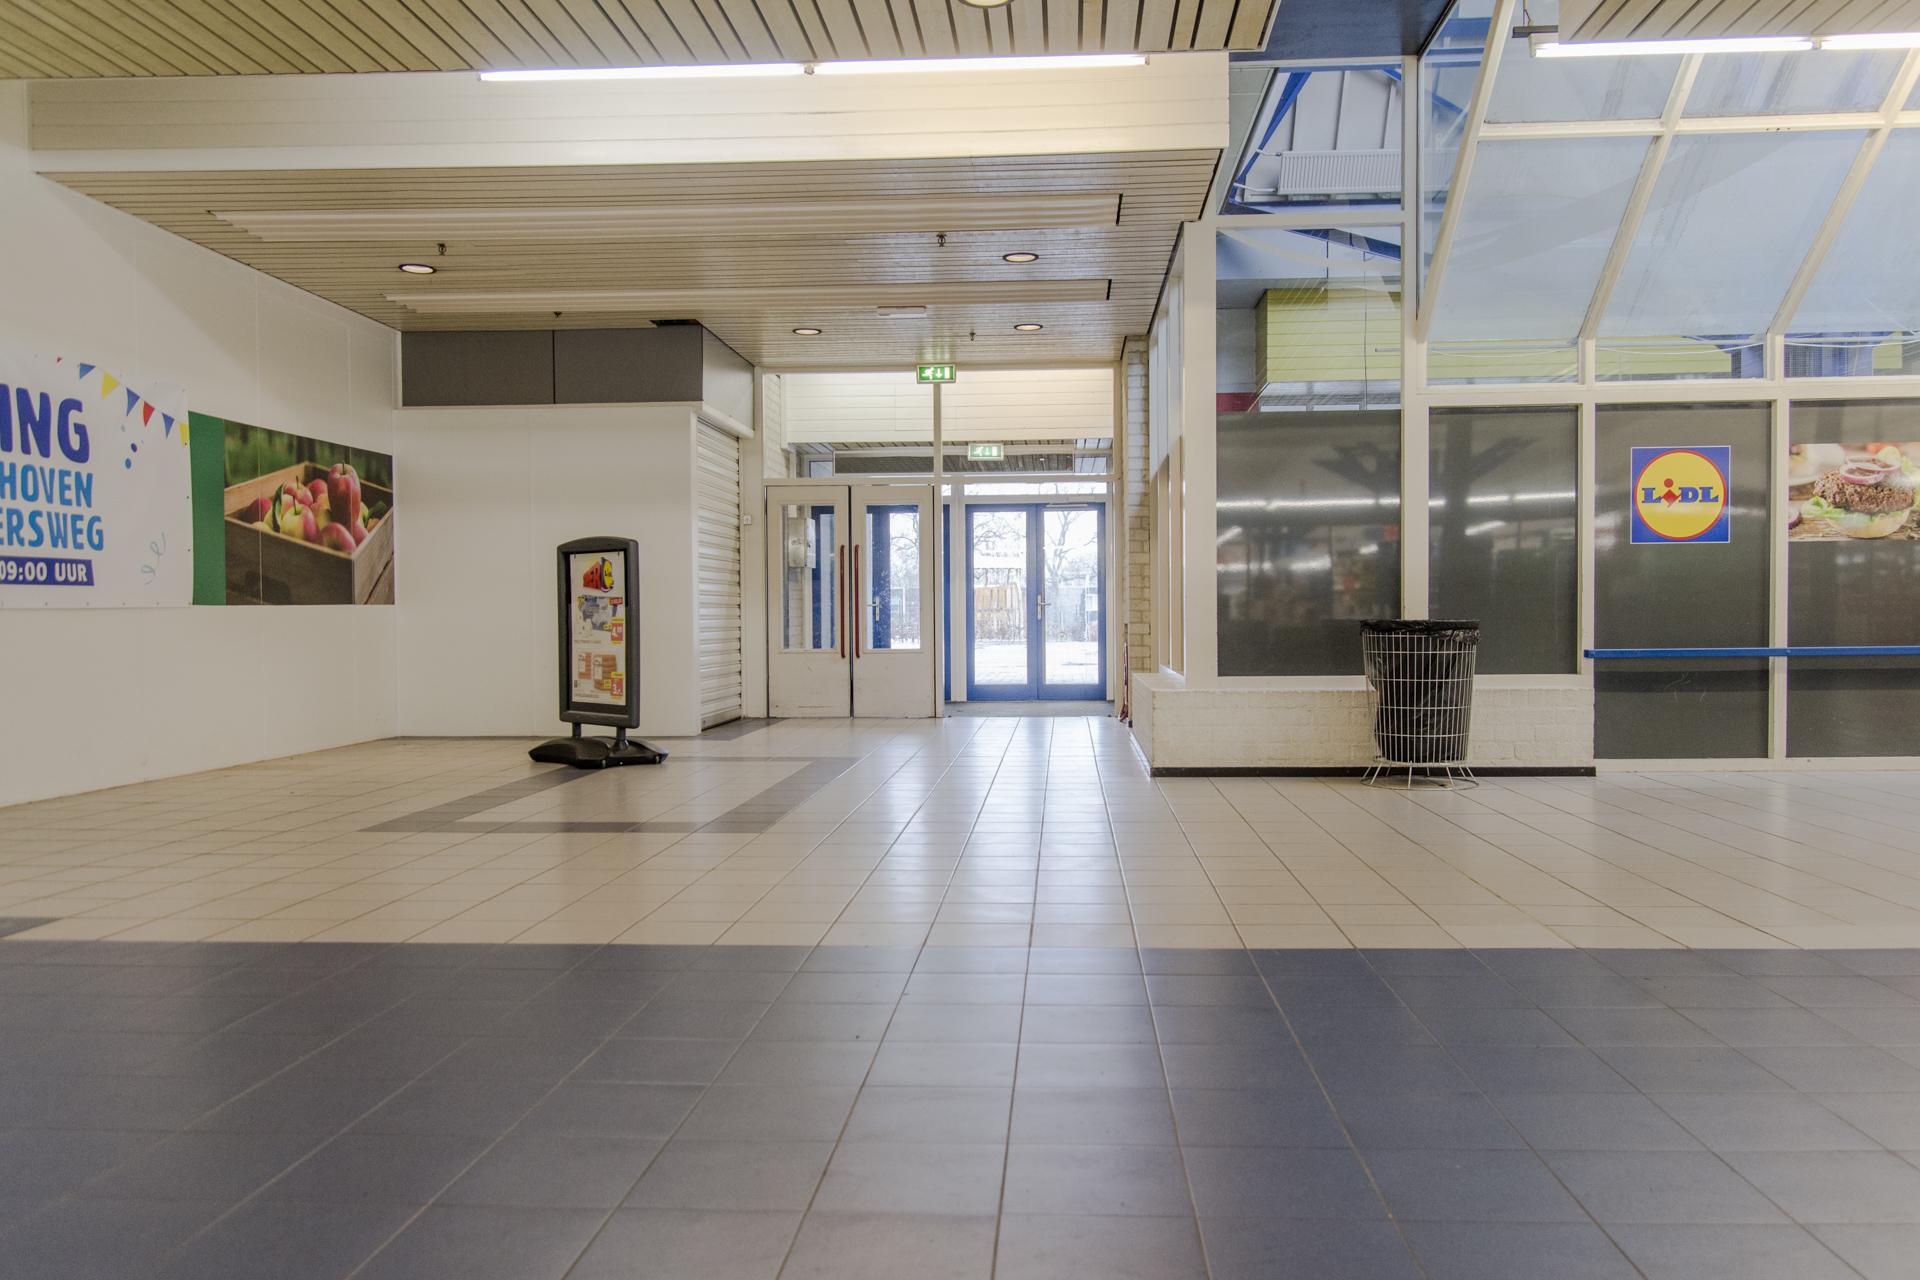 2019_Verbouwing Karregat Commercieel-8047-0954